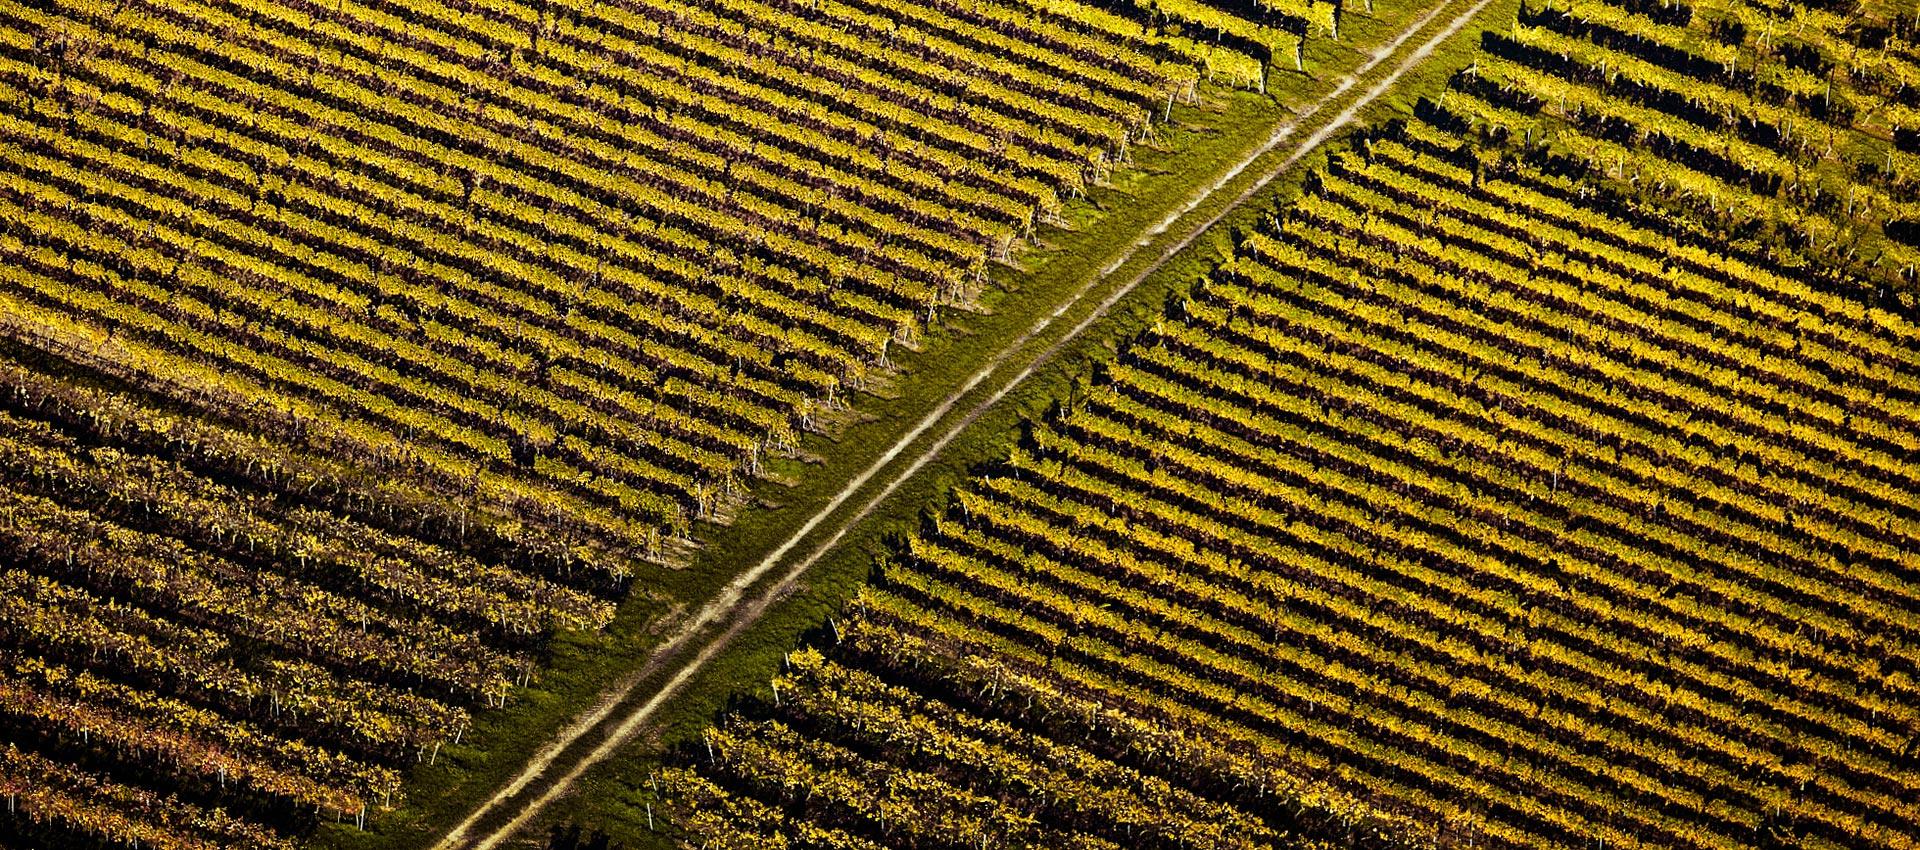 Luftaufnahme von Rebstöcken Bild 21